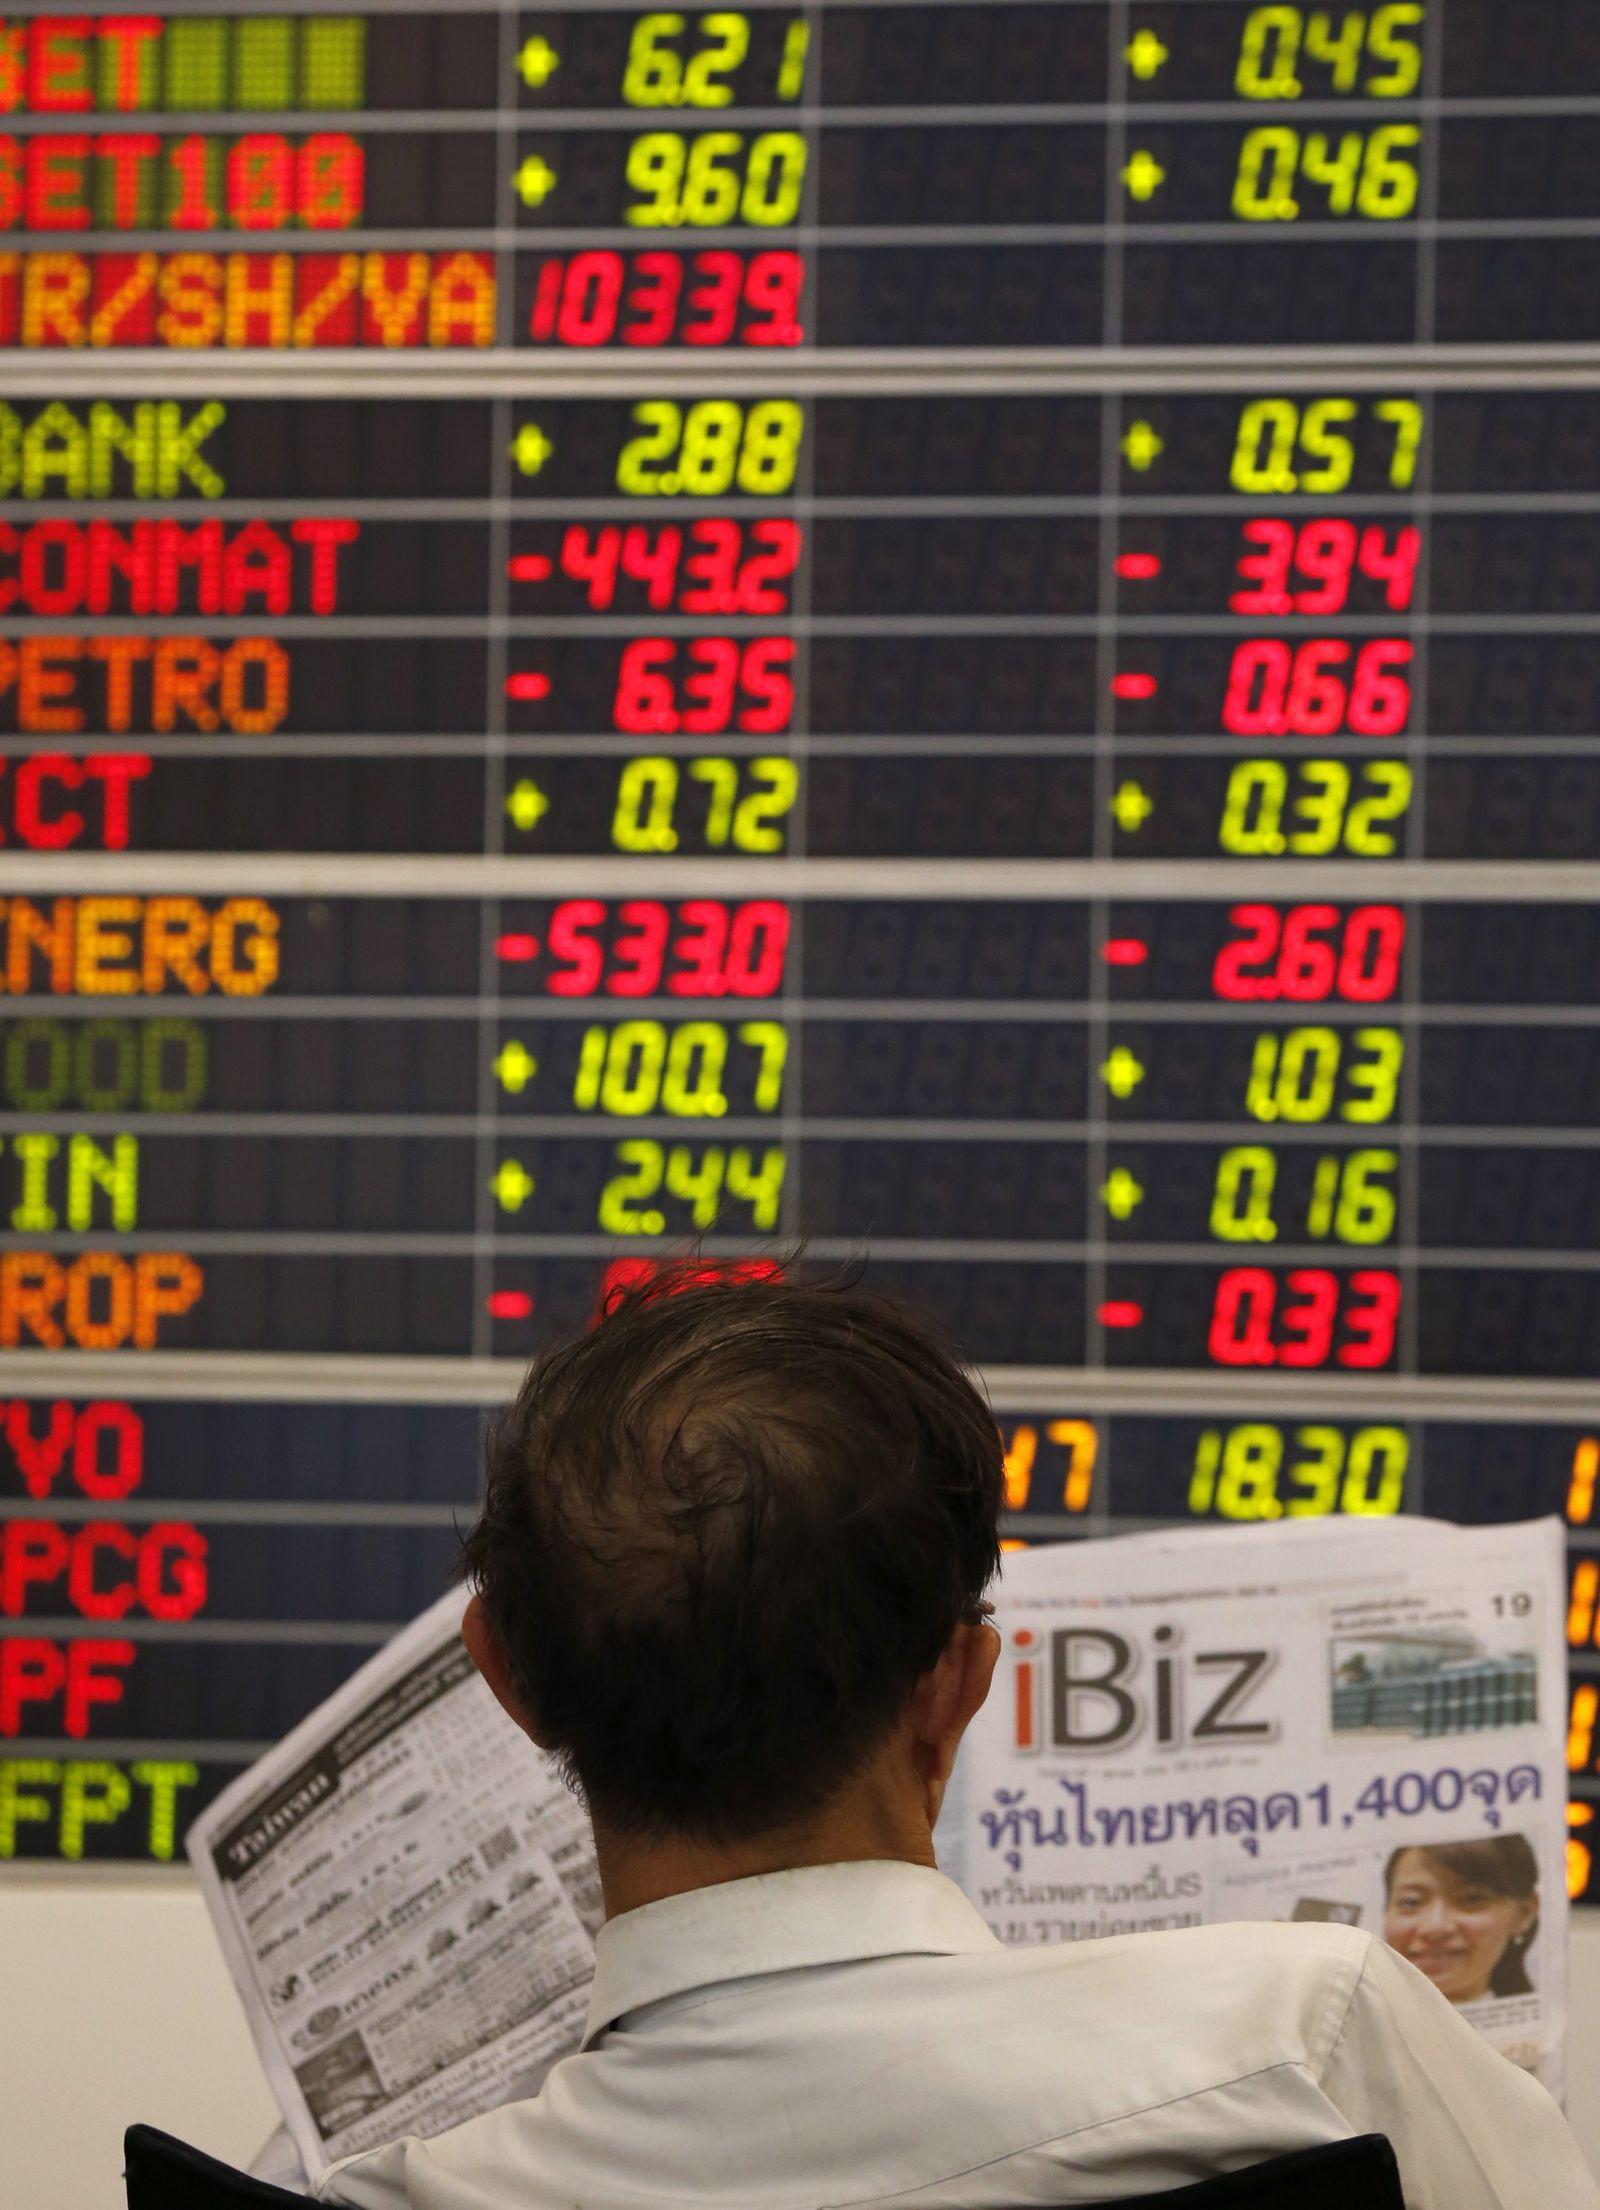 Thai shares up 15.46 points Börse